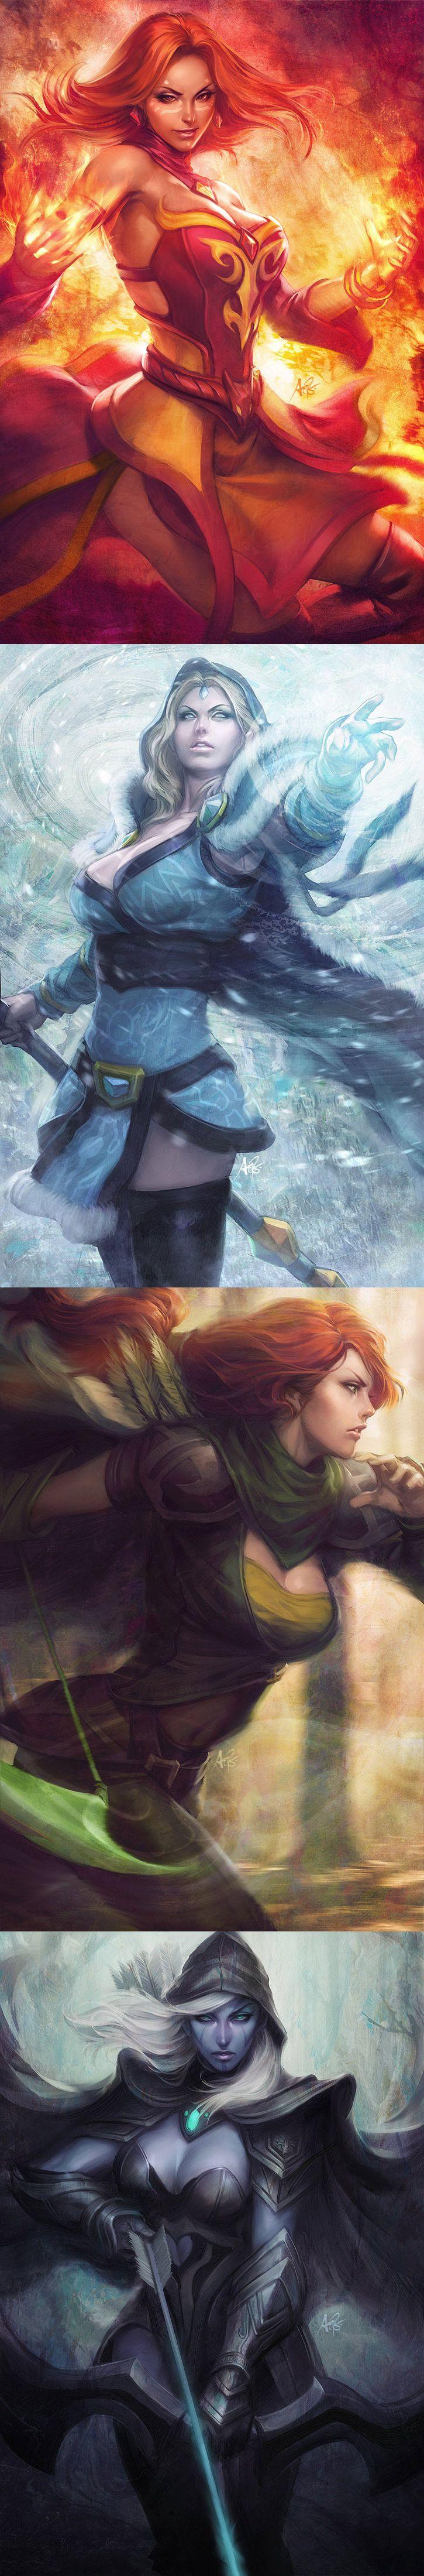 DotA2 Heroines by Artgerm Stanley Lau